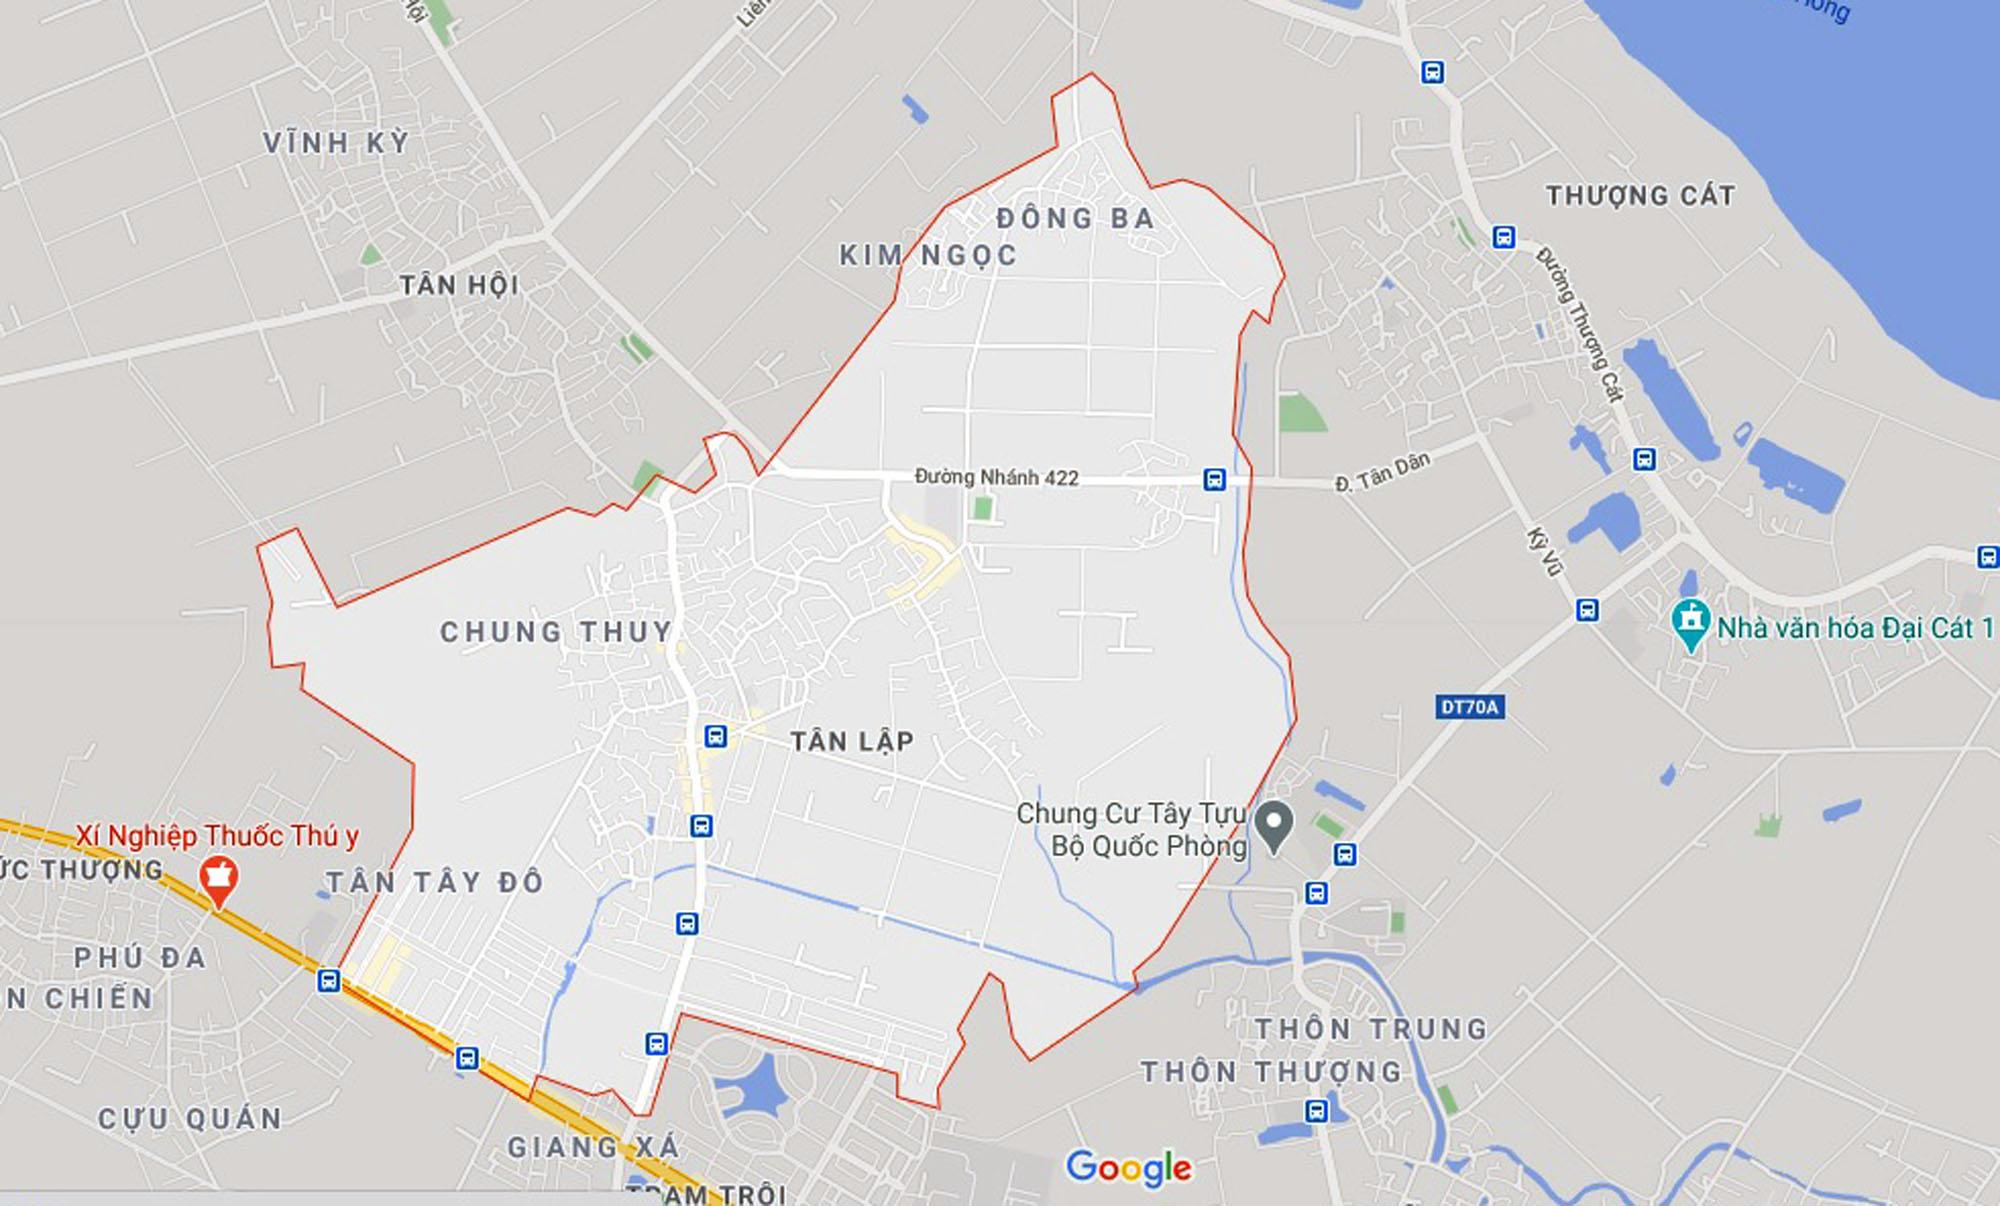 Đường sẽ mở theo quy hoạch ở xã Tân Lập, Đan Phượng, Hà Nội (phần 2) - Ảnh 1.